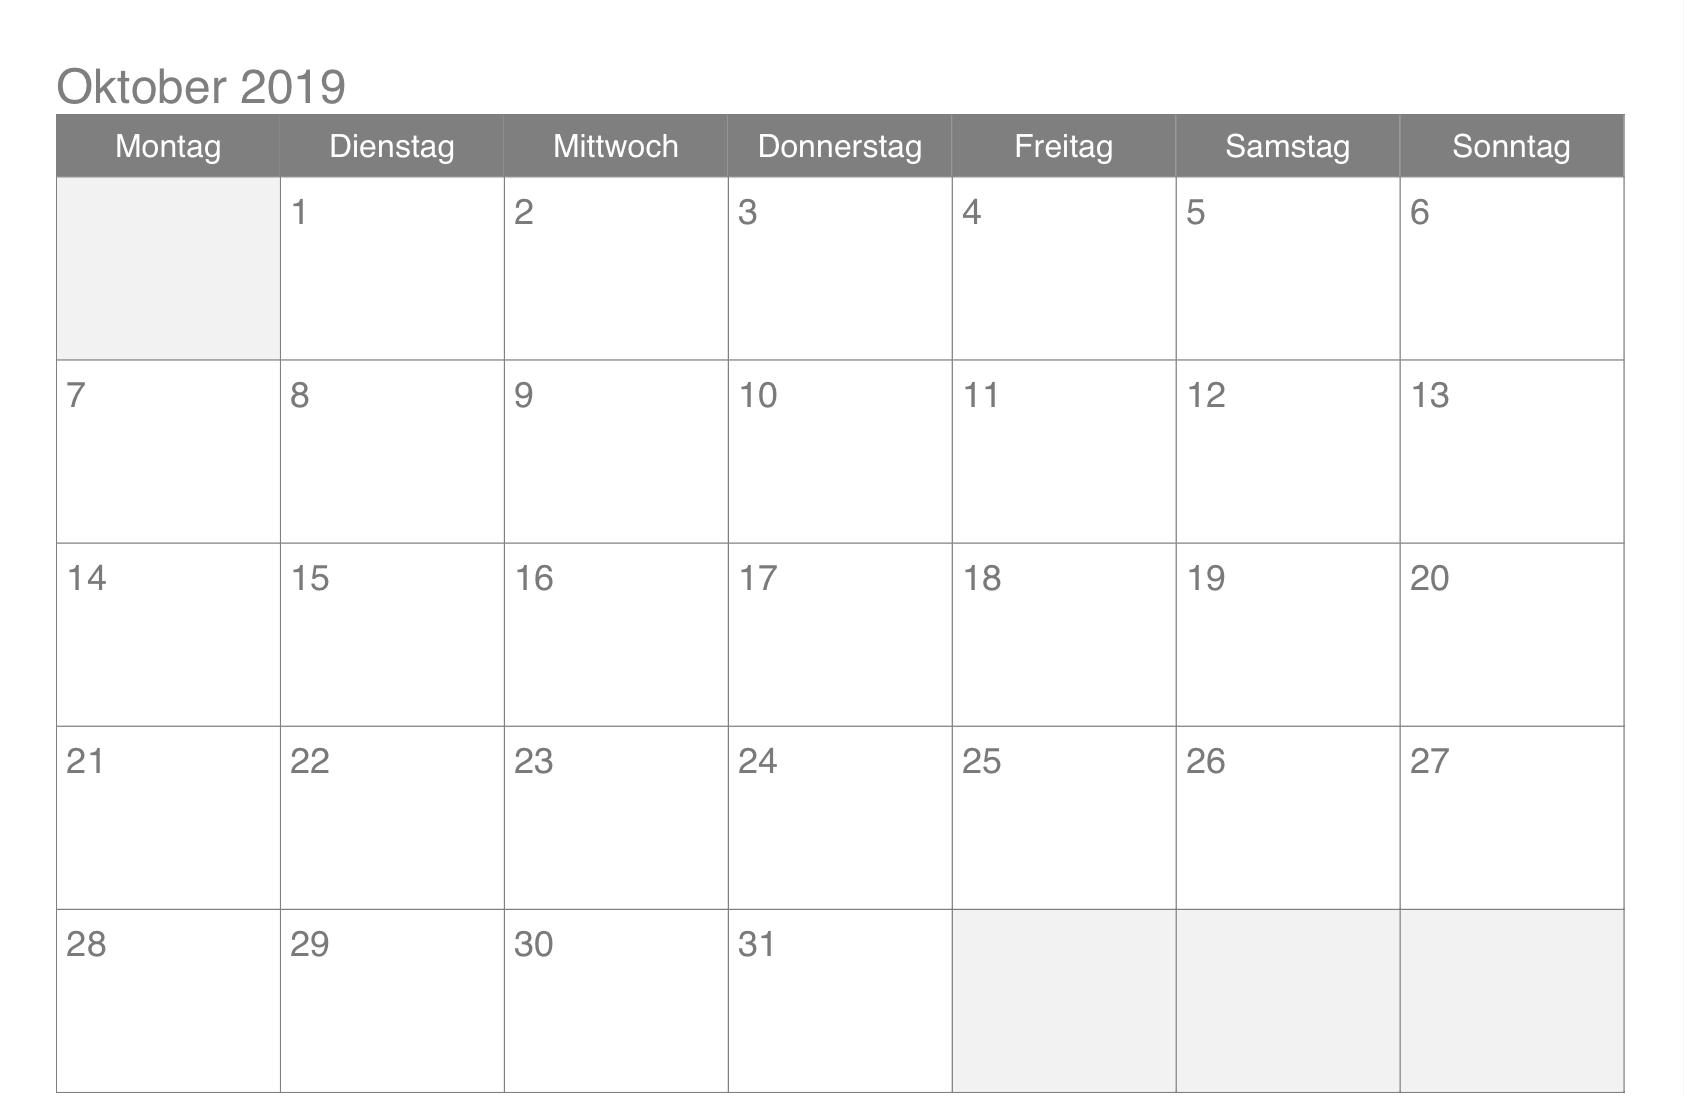 Oktober 2019 Kalender Pdf 2019 Kalender Kalender Kalender Druckvorlagen